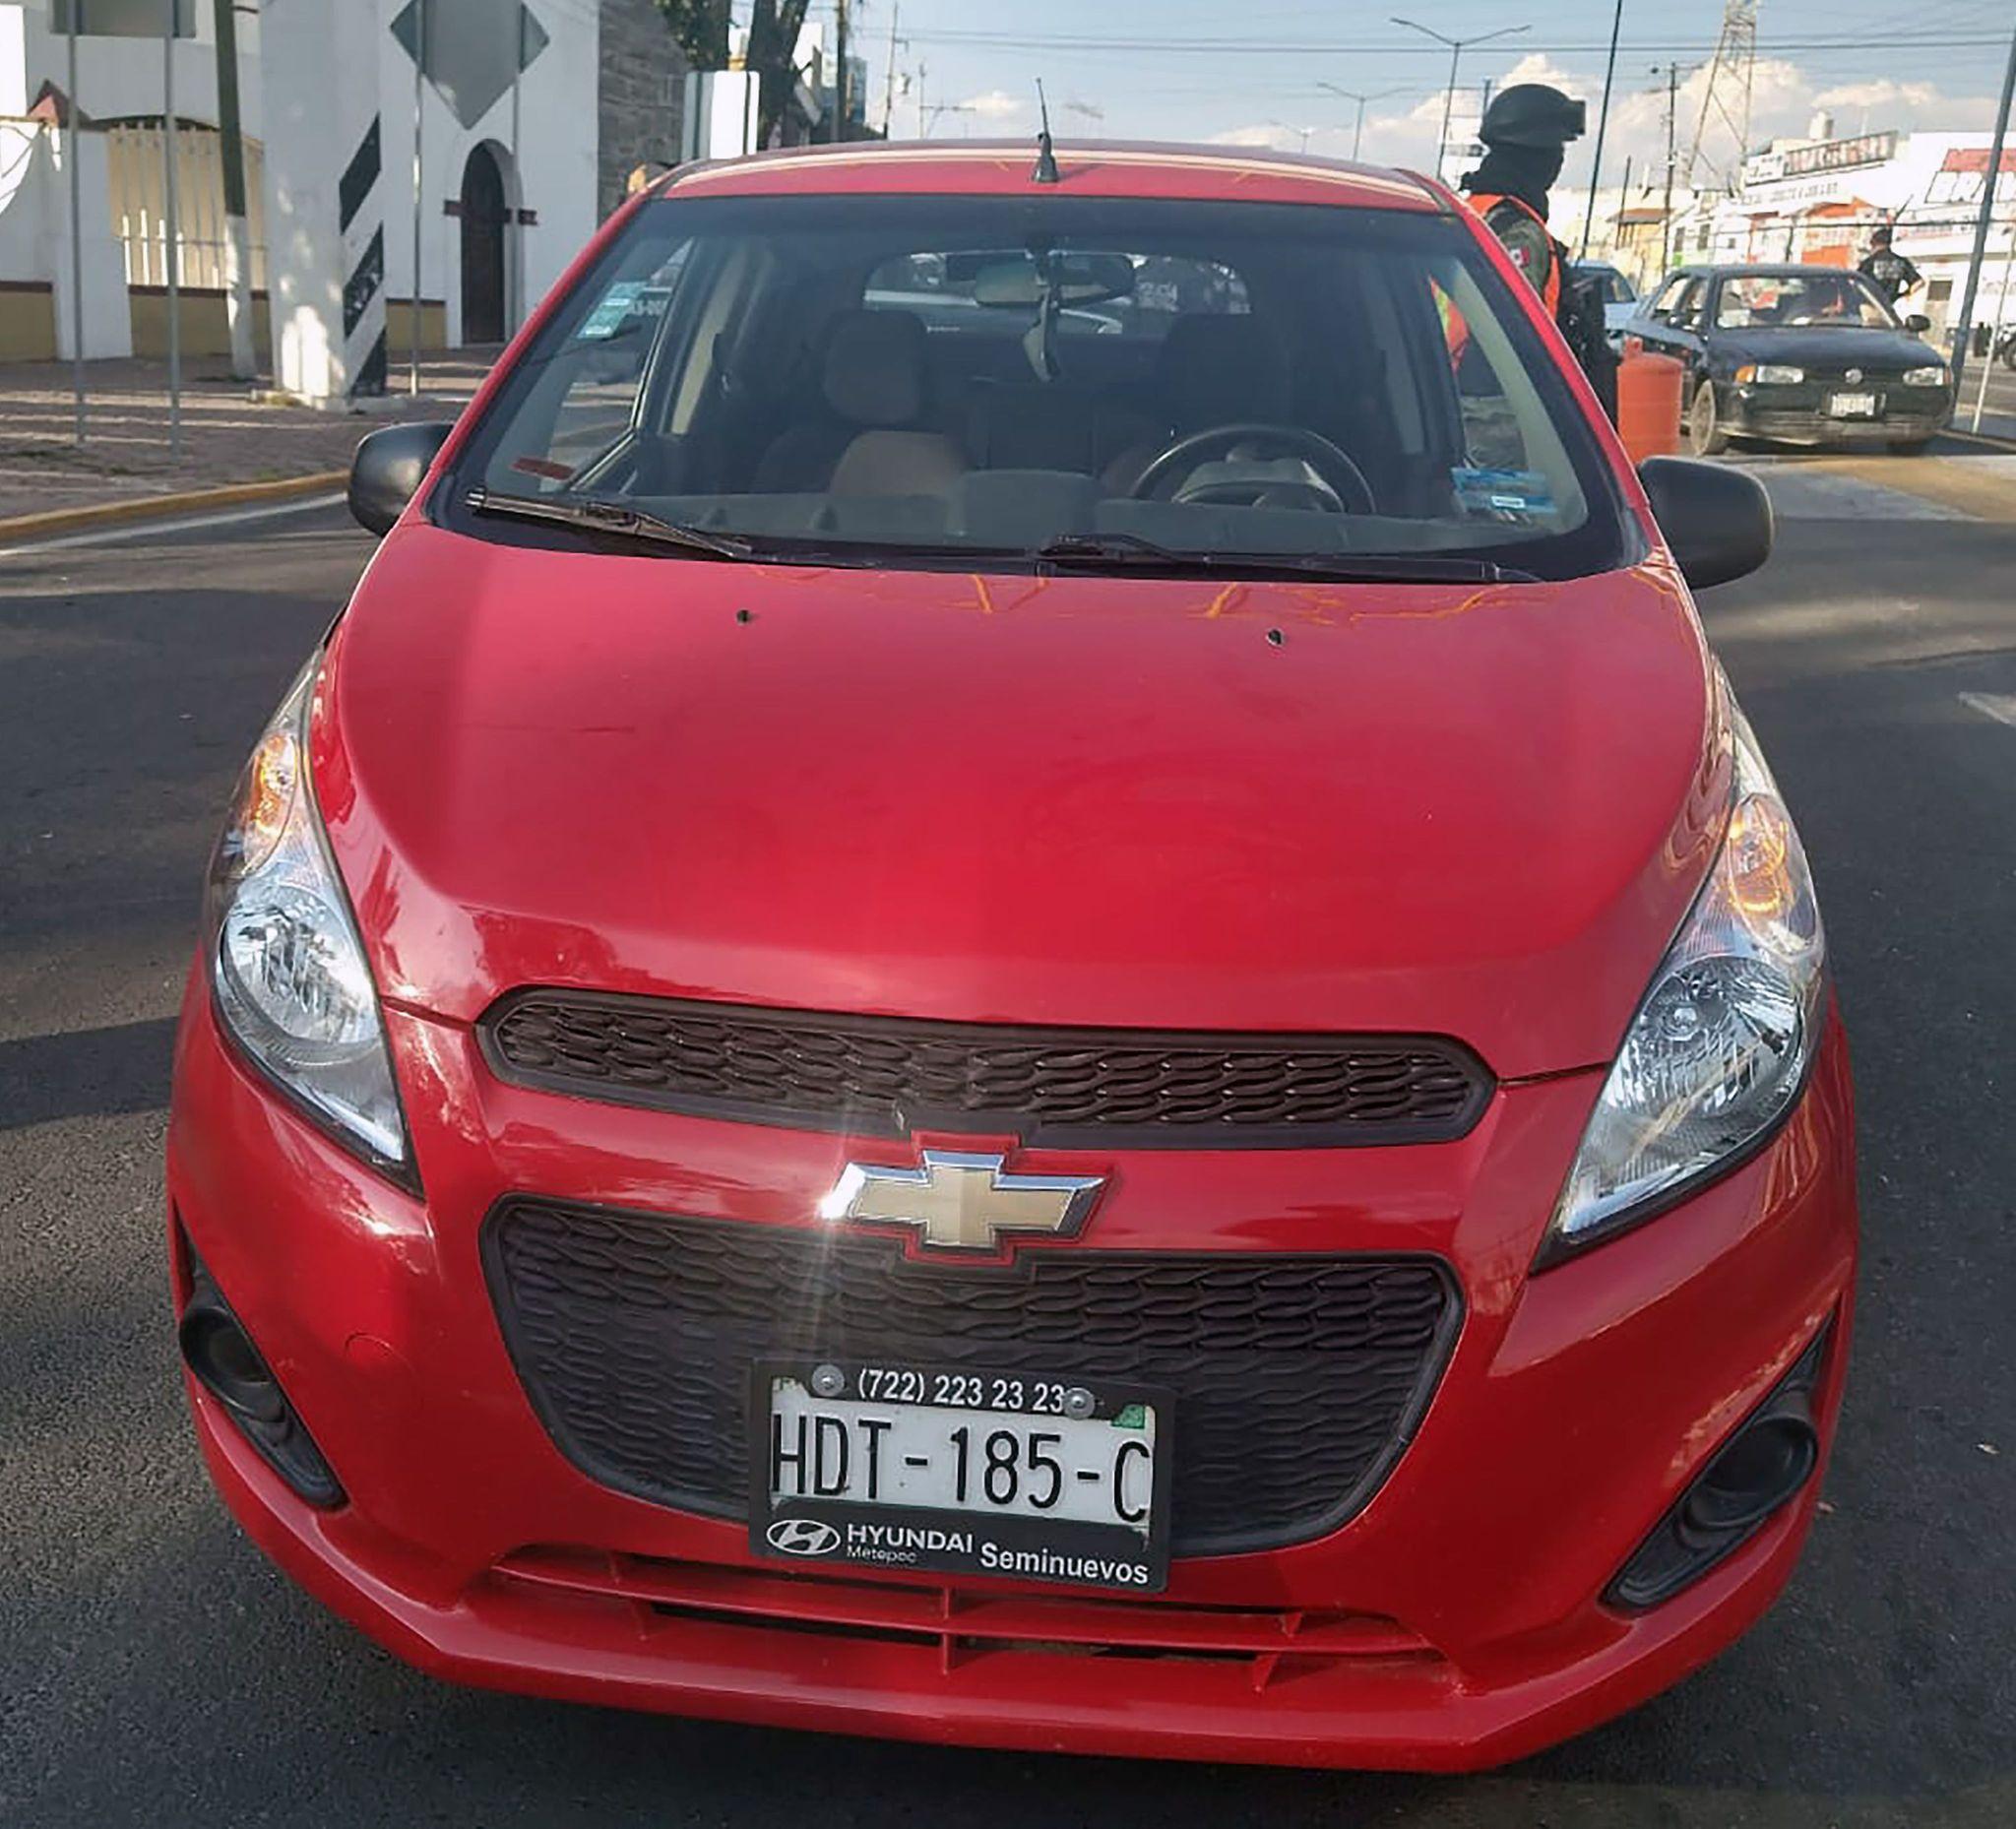 La SSC asegura a una persona por conducir un vehículo con reporte de robo en San Pablo del Monte